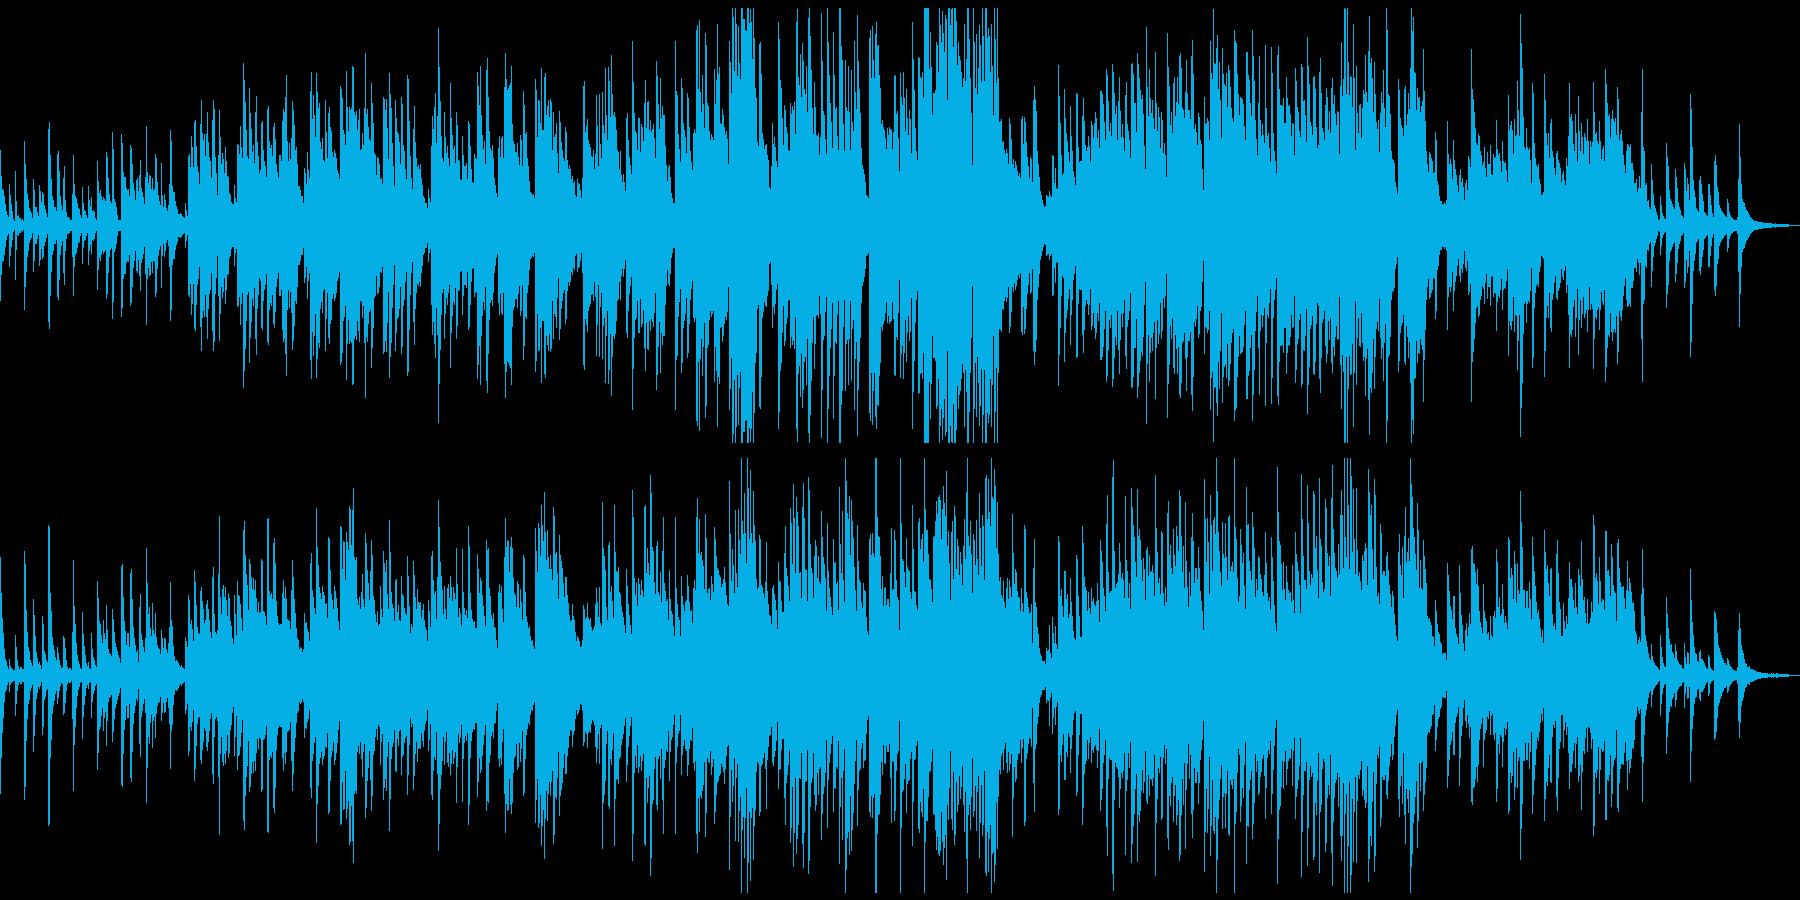 感動的な優しいピアノソロの再生済みの波形